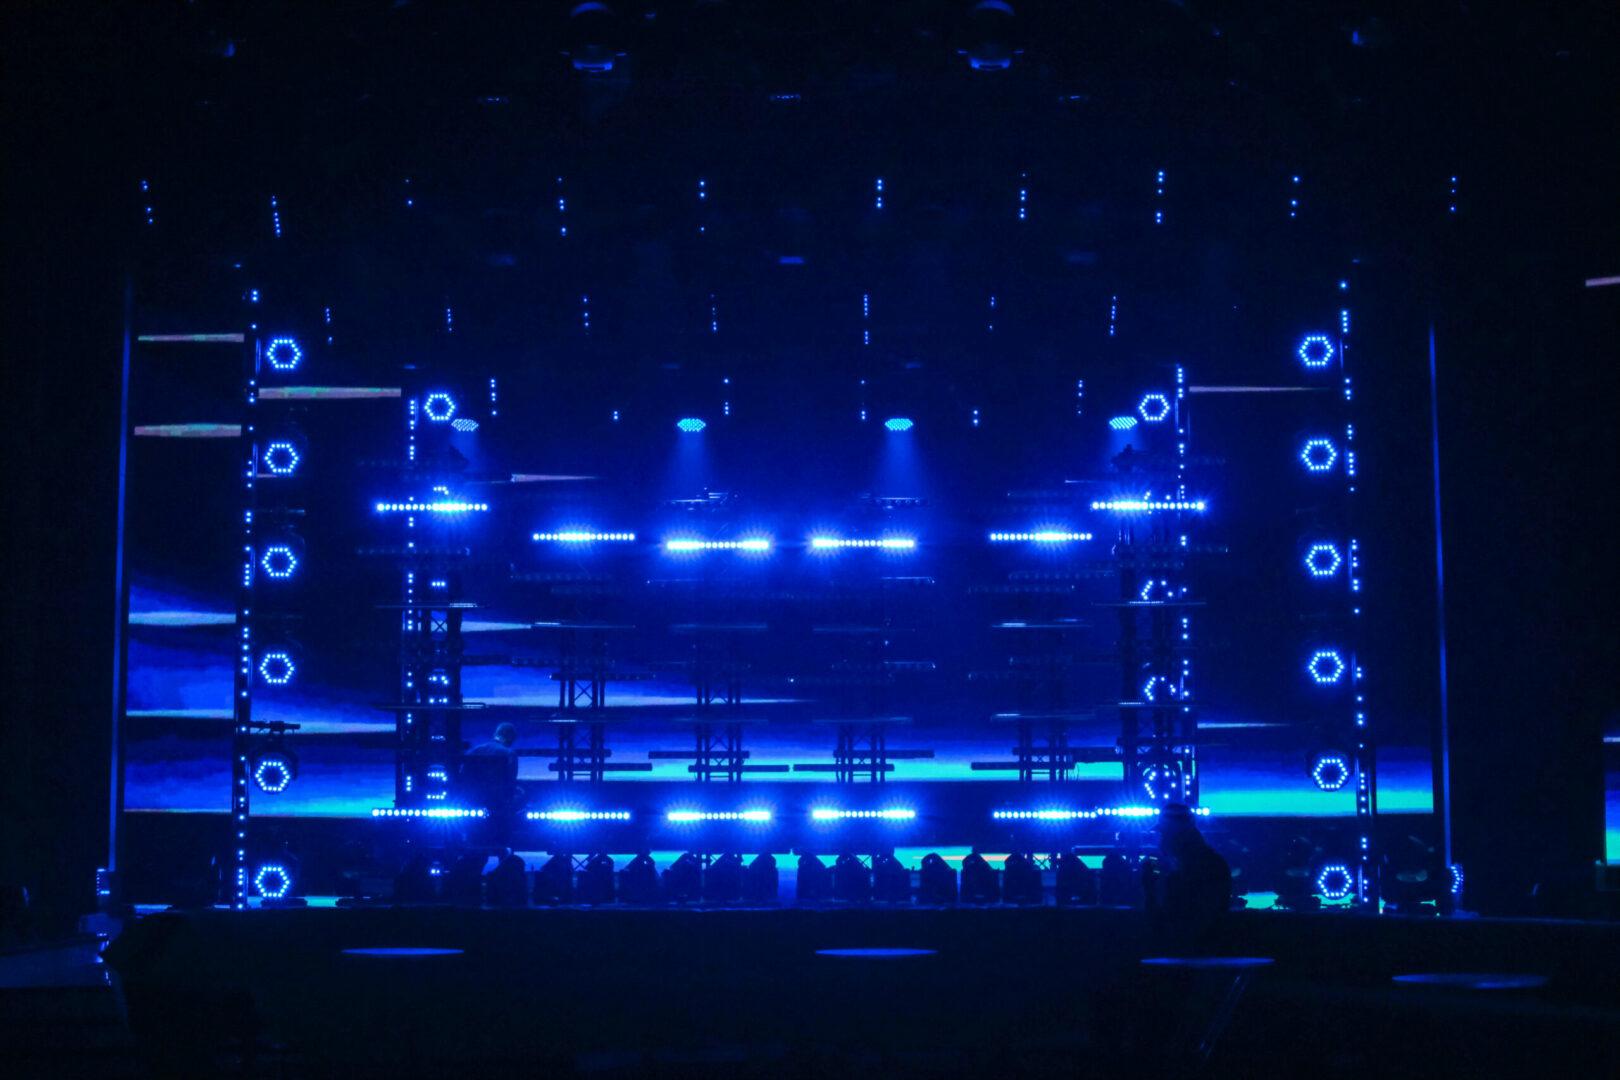 Als Lichtdesigner und lichtsetzender Kameramann setzte Gerdon die neuen LED-Sticks auf der Showbühne während der Performance von Sarah Lombardi und Luca Hänni als effektvolles Showlicht ein. © Marek Papke